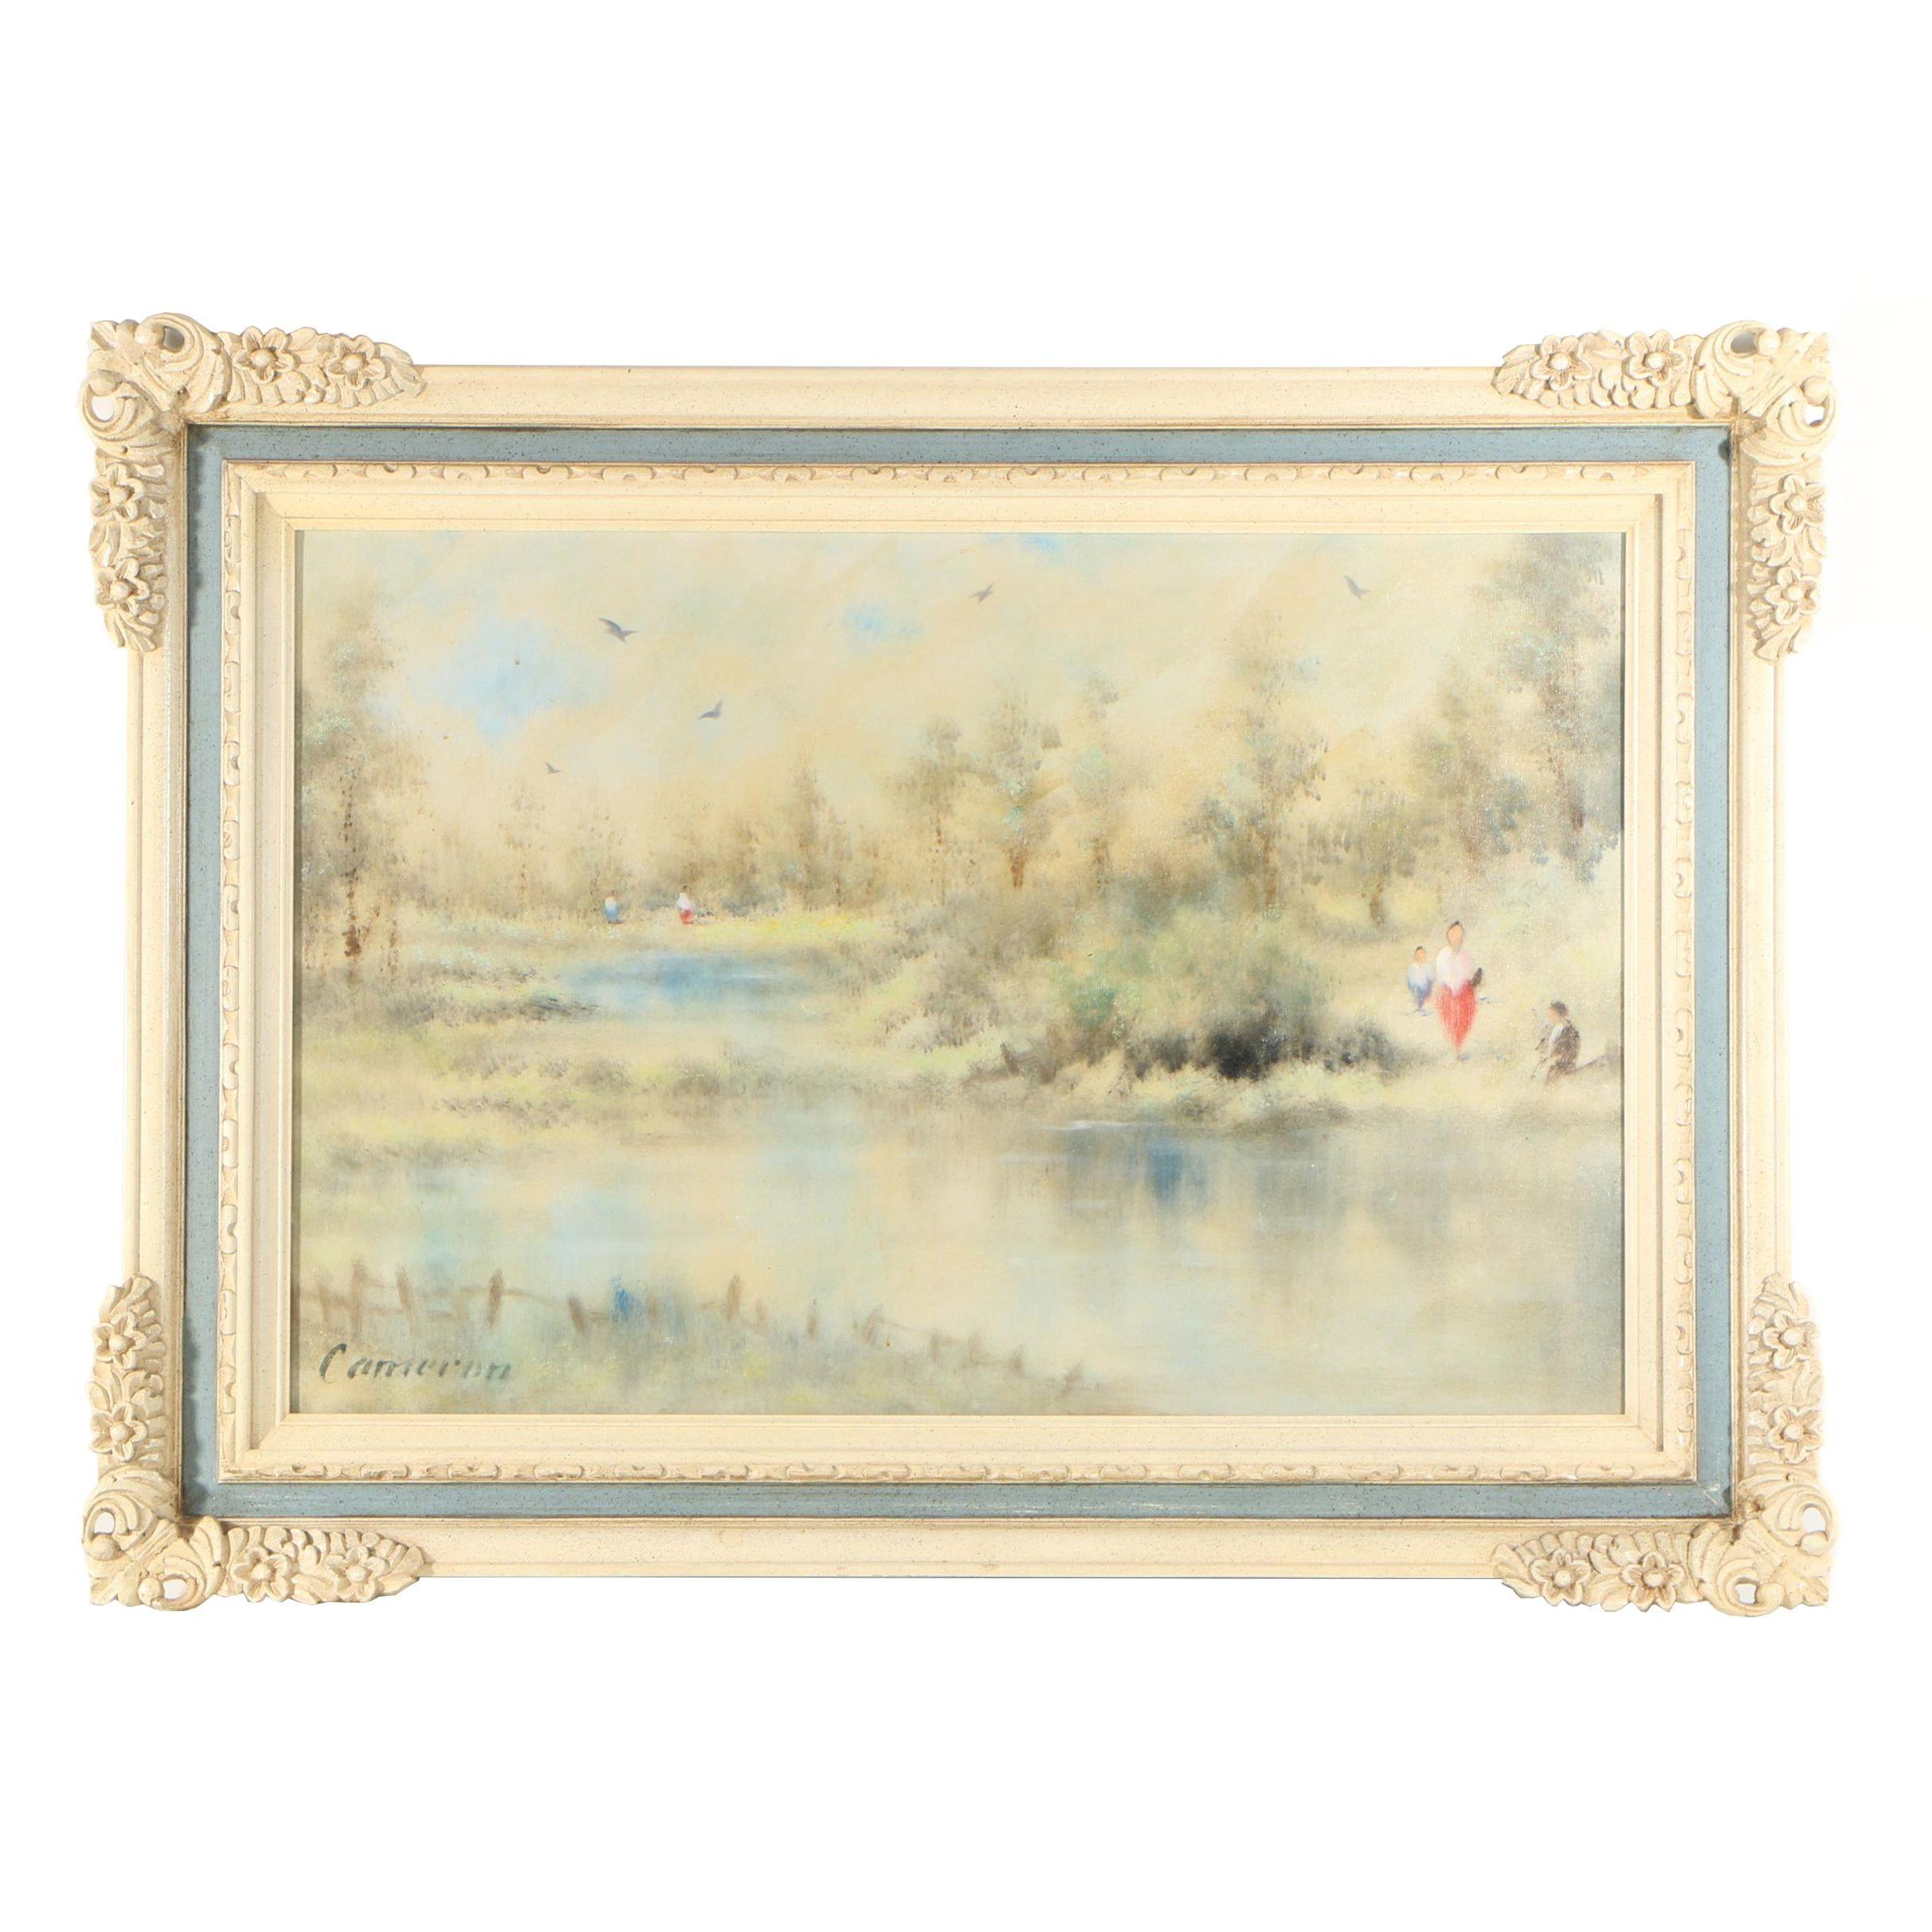 Cameron Landscape Oil Painting